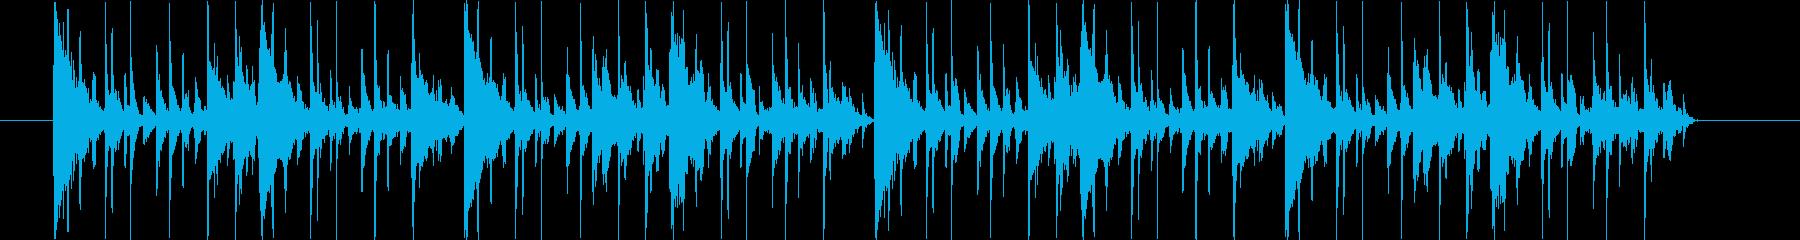 和風系おもしろ系ゲームのメニュー画面の再生済みの波形